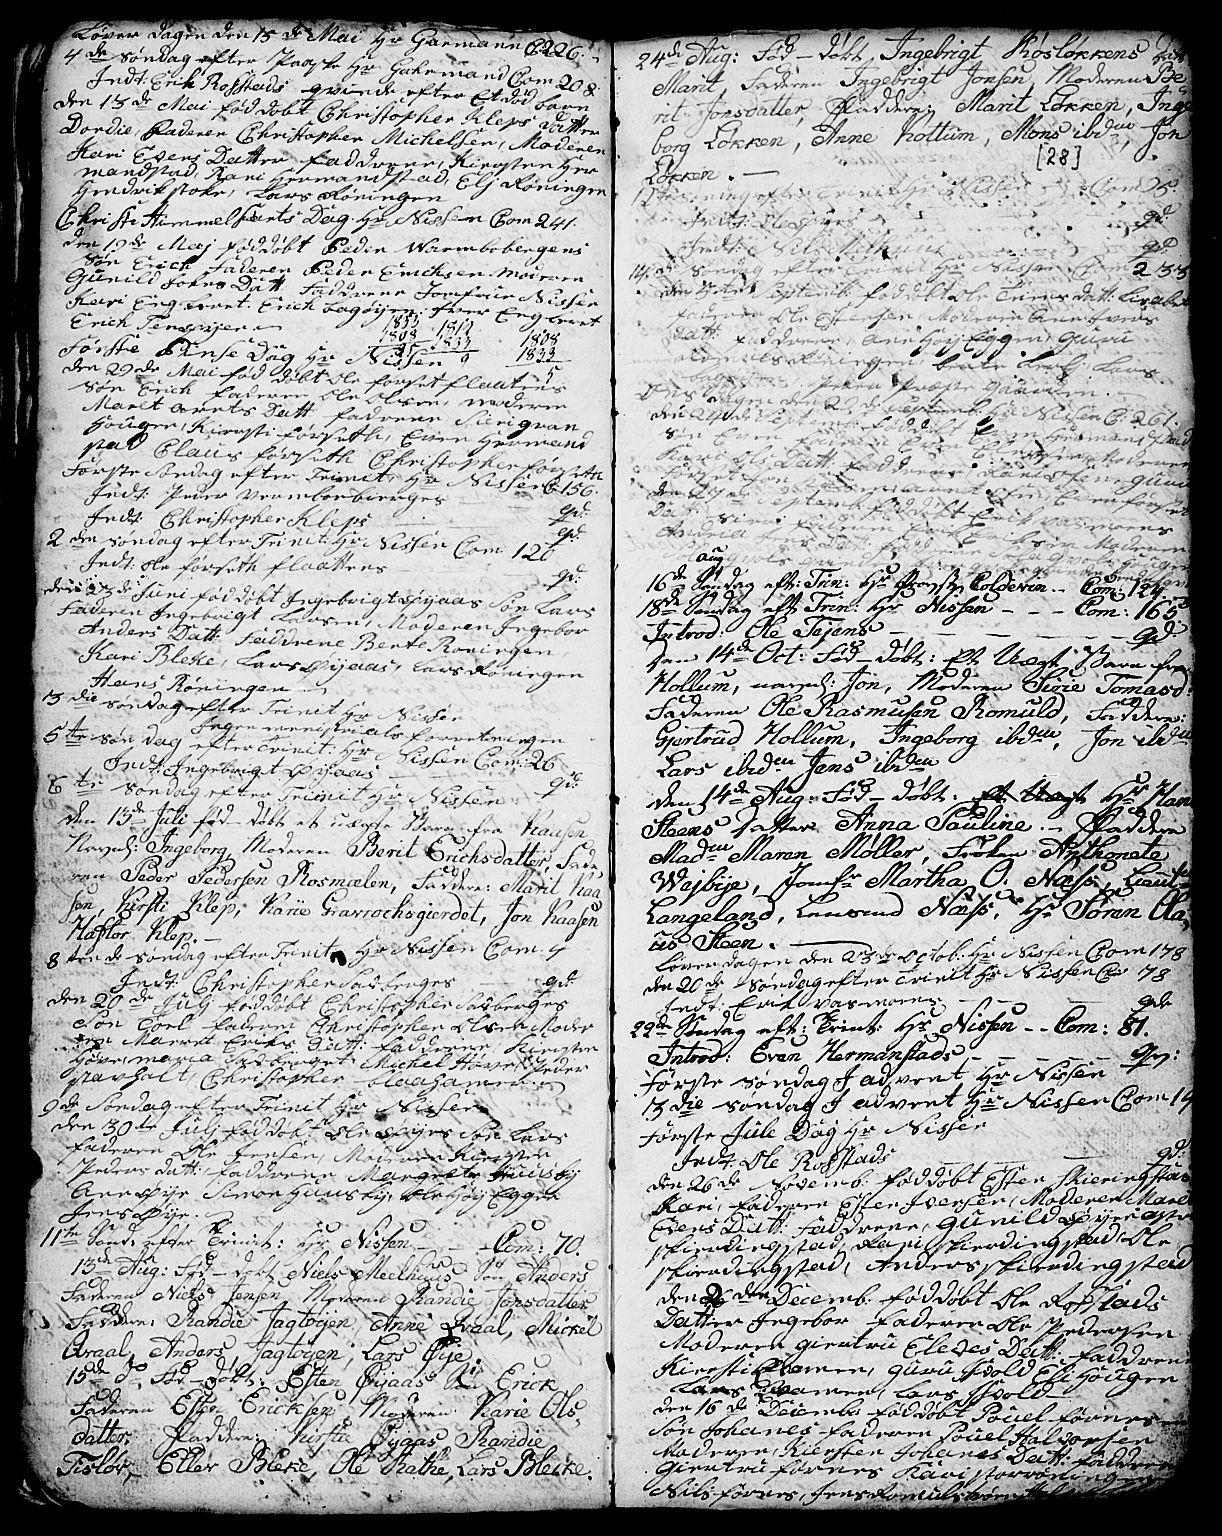 SAT, Ministerialprotokoller, klokkerbøker og fødselsregistre - Sør-Trøndelag, 691/L1091: Klokkerbok nr. 691C02, 1802-1815, s. 28